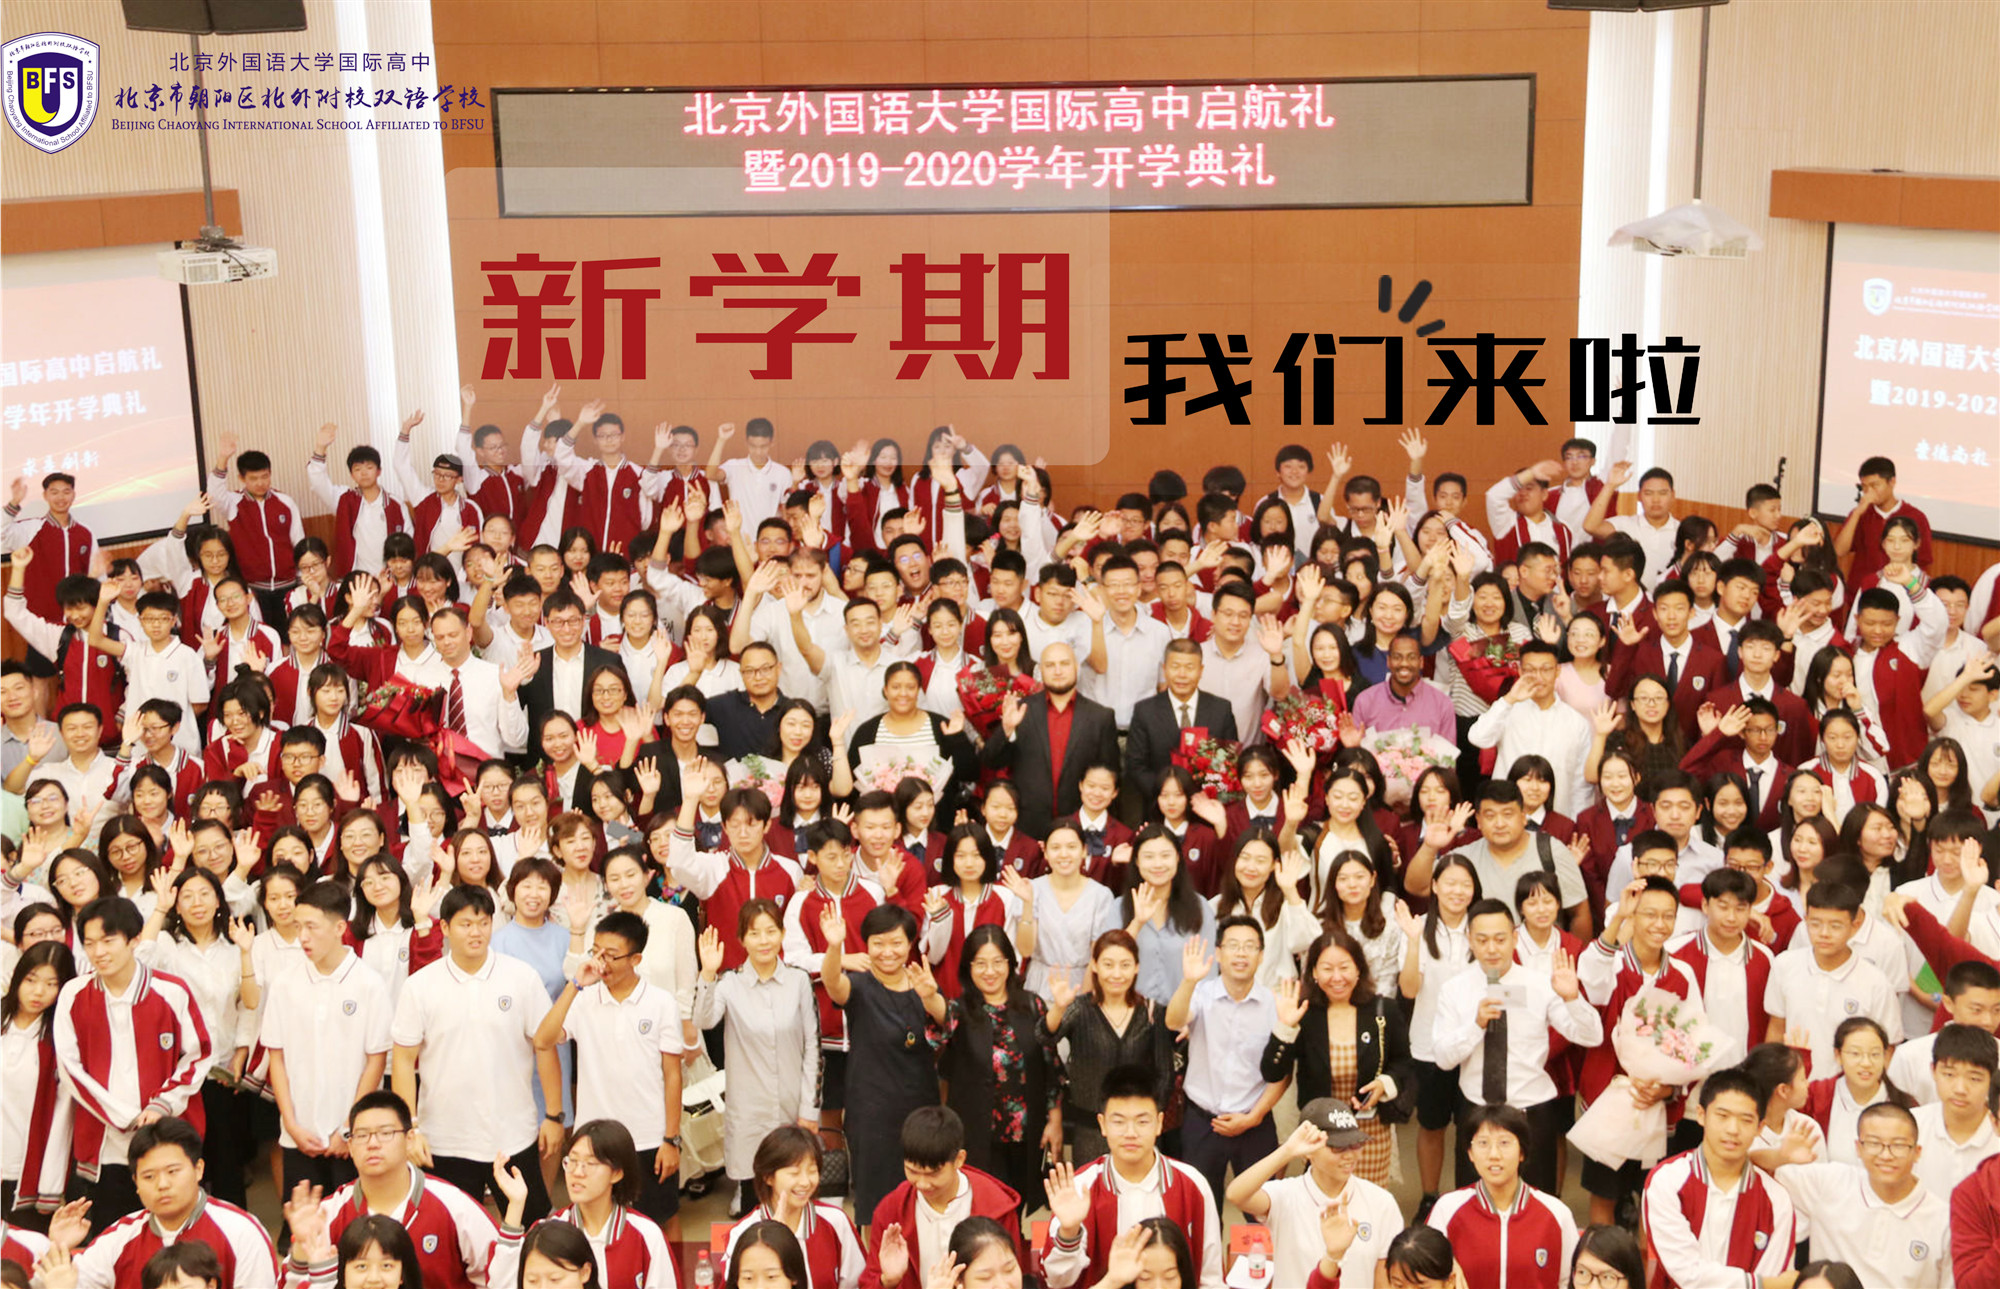 北京外国语大学国际高中启航礼暨2019-2020学年开学典礼圆满落幕